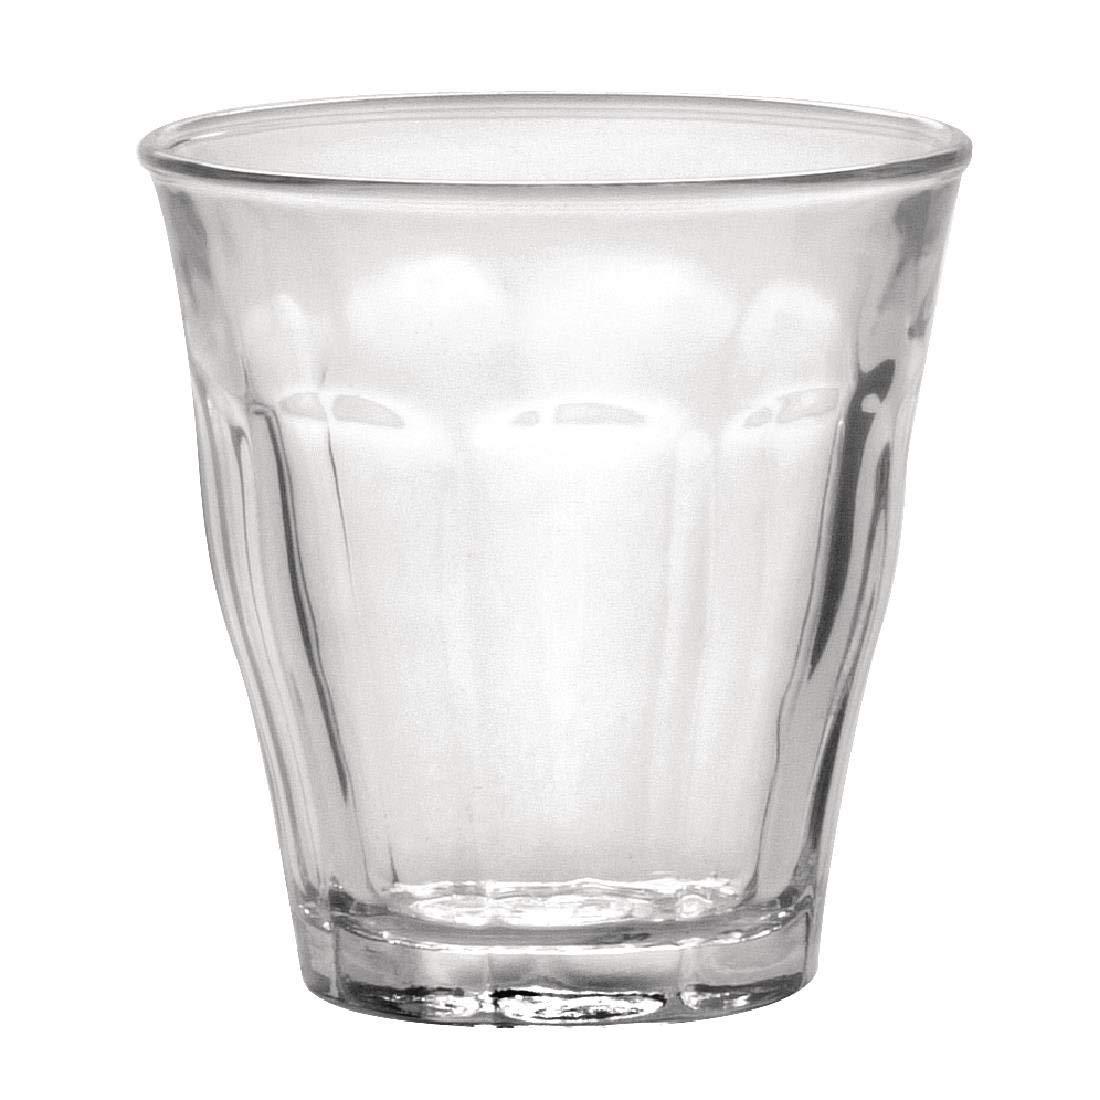 Paquete de: 6 vasos Duralex Picardie 90 ml.